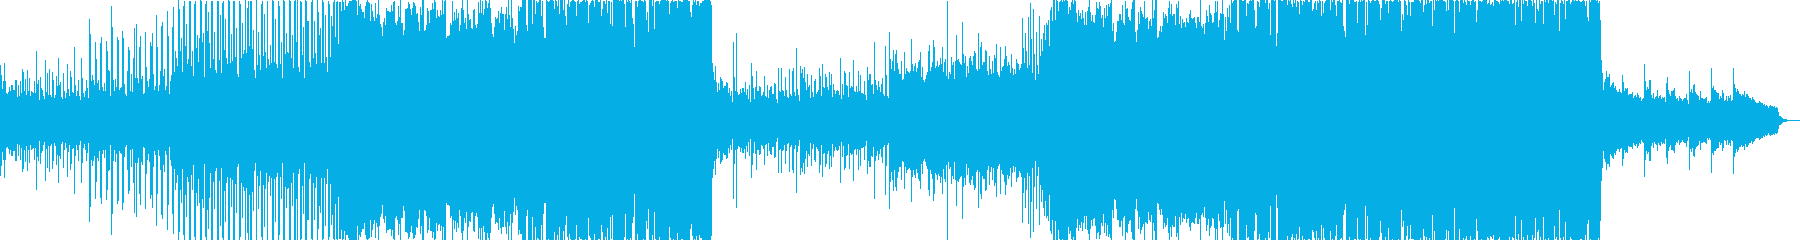 シンプルでお洒落な雰囲気のエレクトロの再生済みの波形